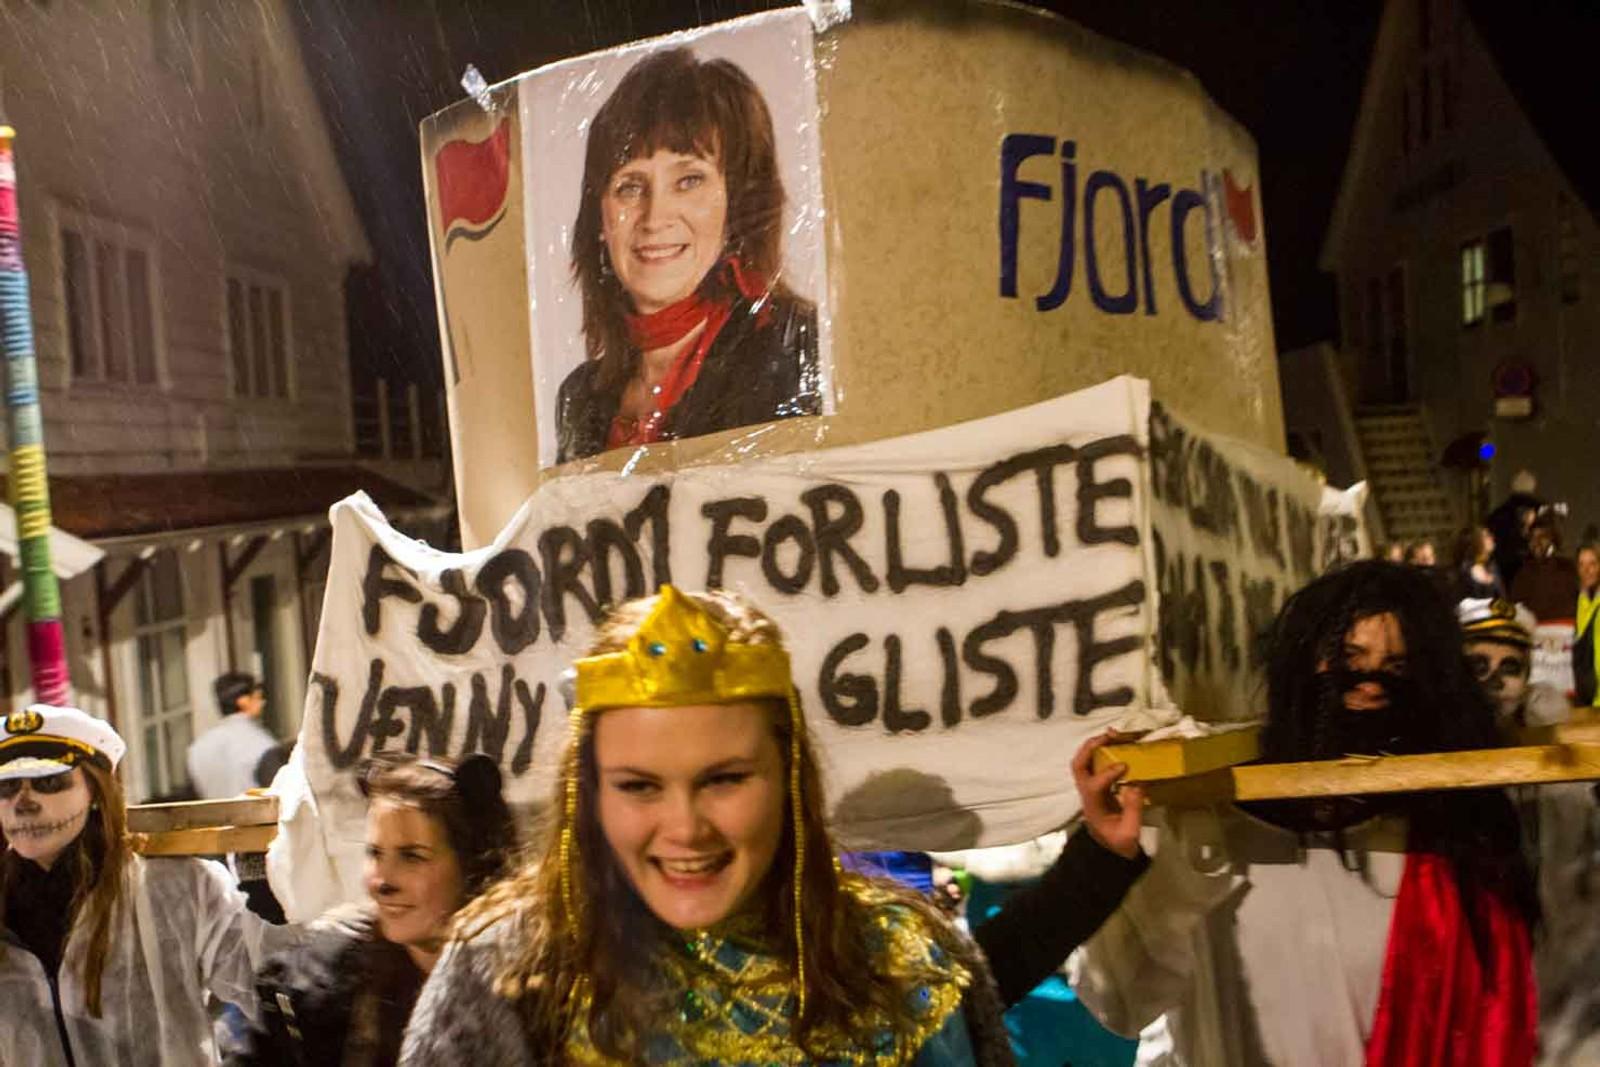 Fylkesordførar Jenny Følling fekk tyn for salet av Fjord1.